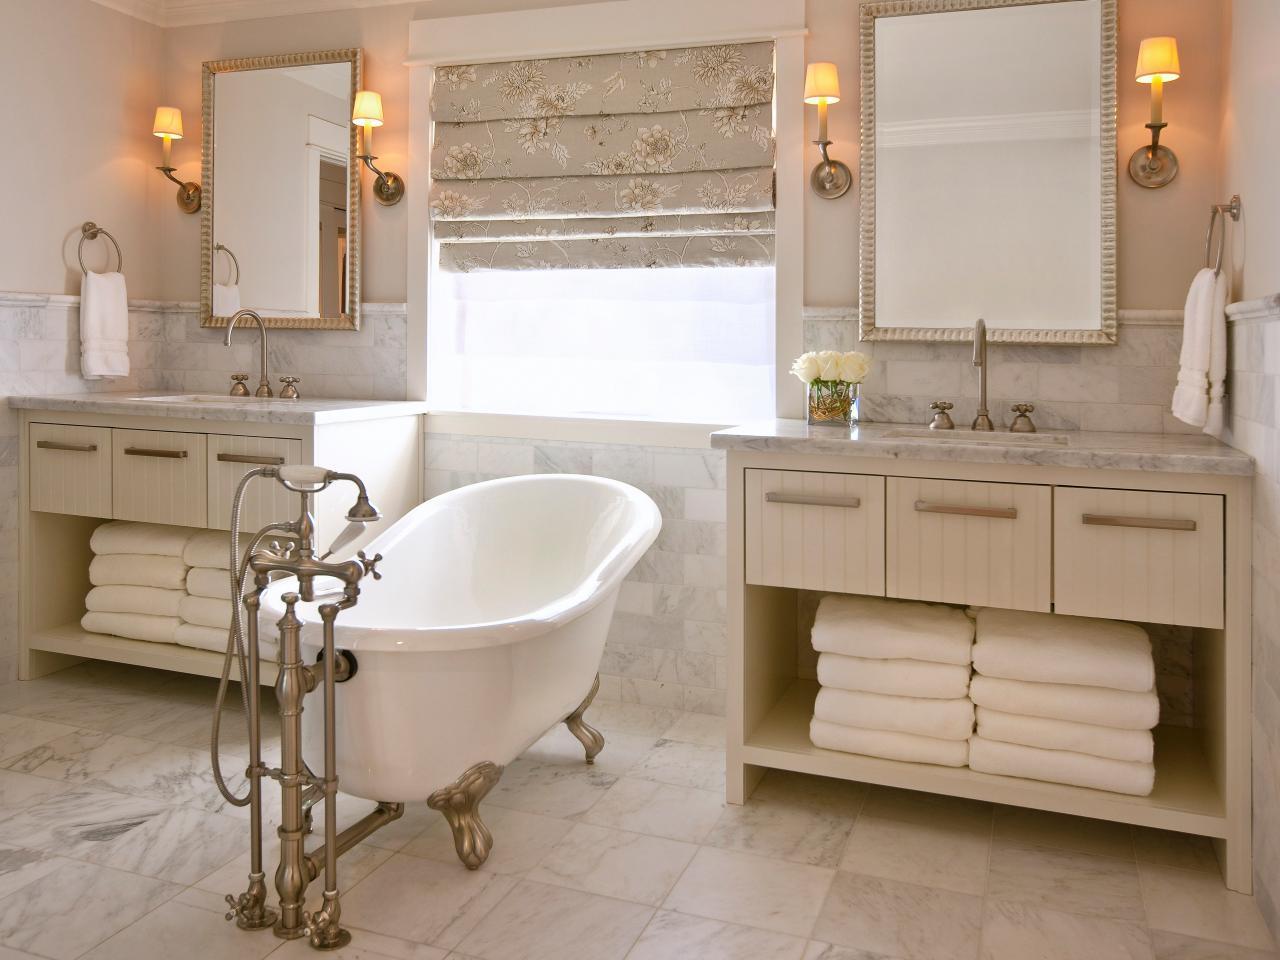 Шкаф в стиле ретро в ванной